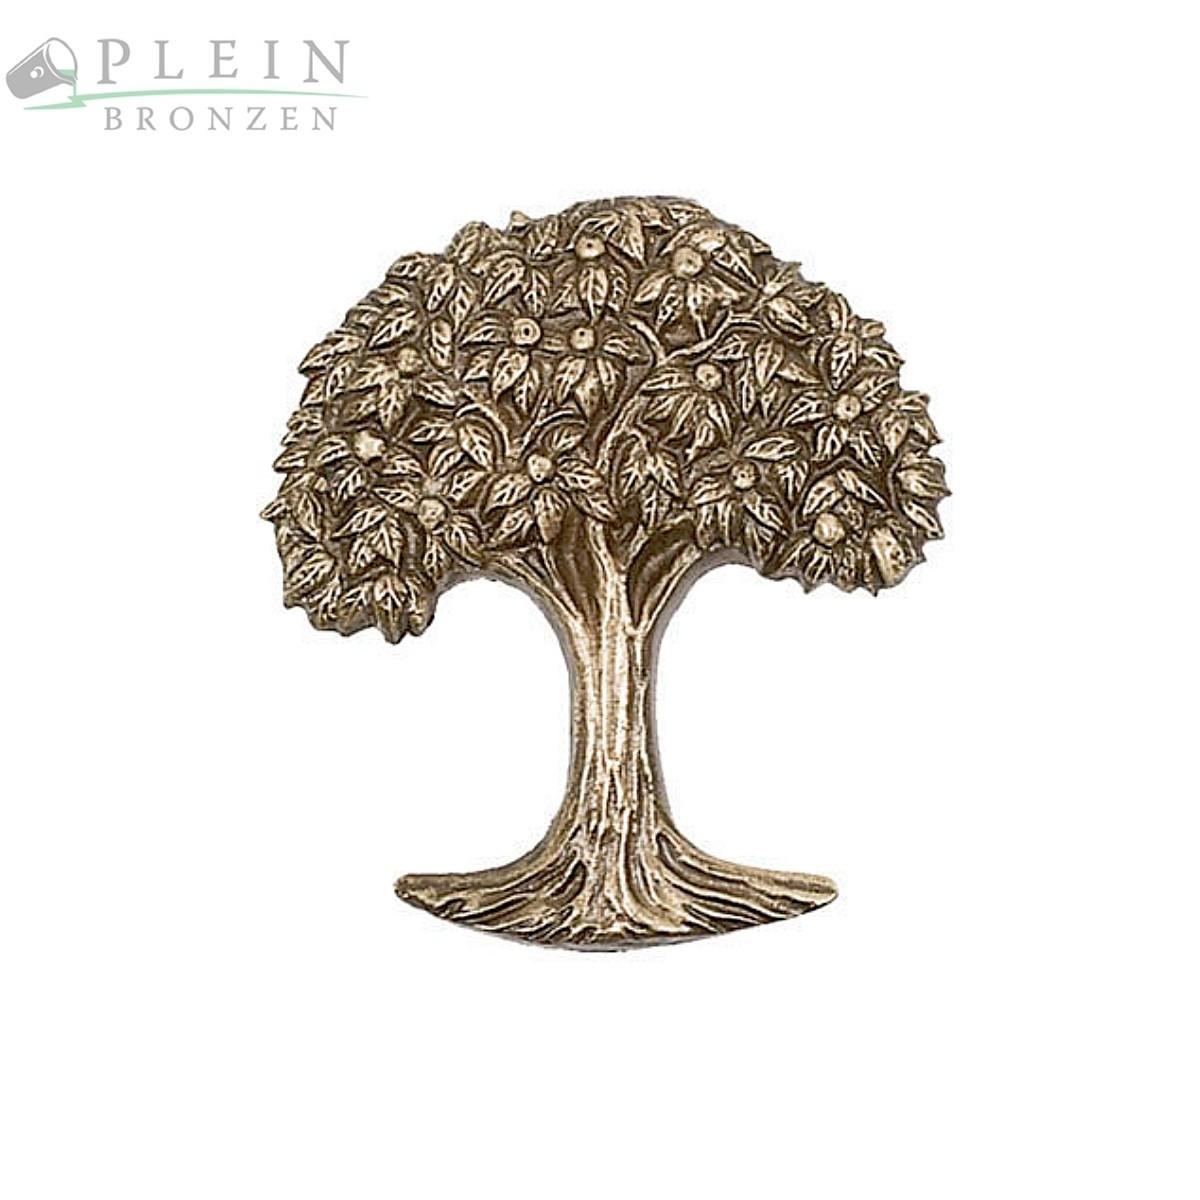 Relief Eines Lebensbaum Aus Bronze Oder Aluminium | Bronzebuchstaben